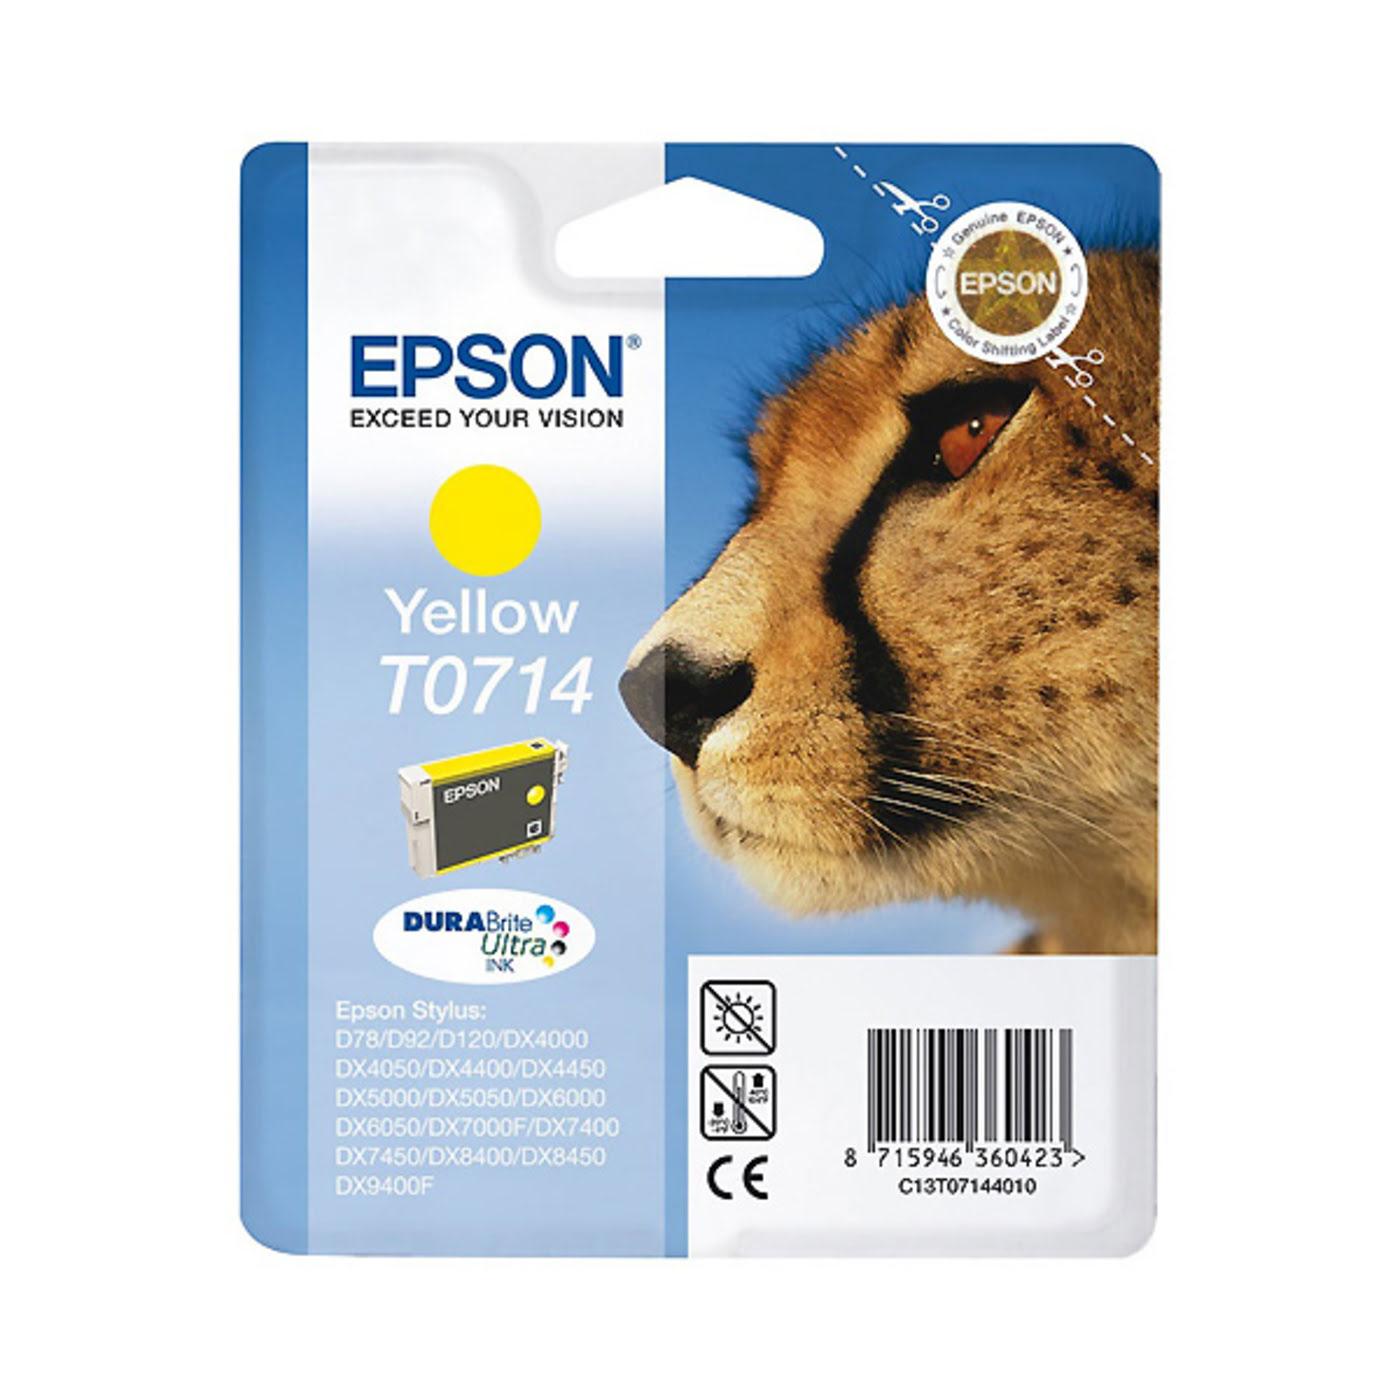 Epson Cartouche DURABrite T0714 Jaune (C13T071440) - Achat / Vente Consommable Imprimante sur Cybertek.fr - 0